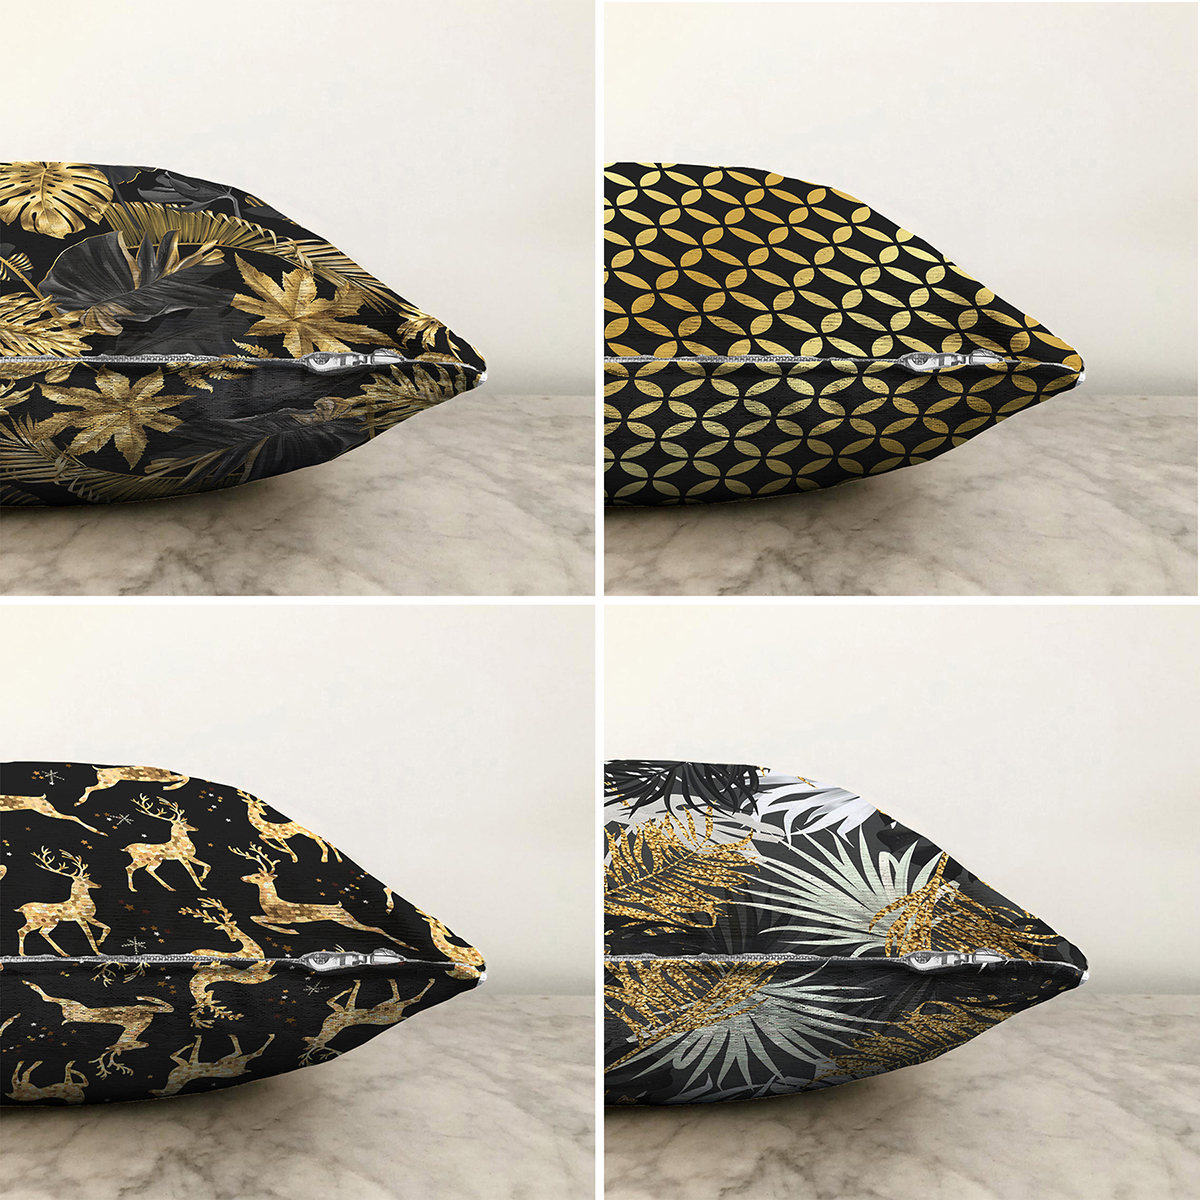 Siyah Zemin Altın Varaklı Dekoratif 4'lü Çift Taraflı Şönil Yastık Kırlent Kılıf Seti - 55 x 55 cm Realhomes